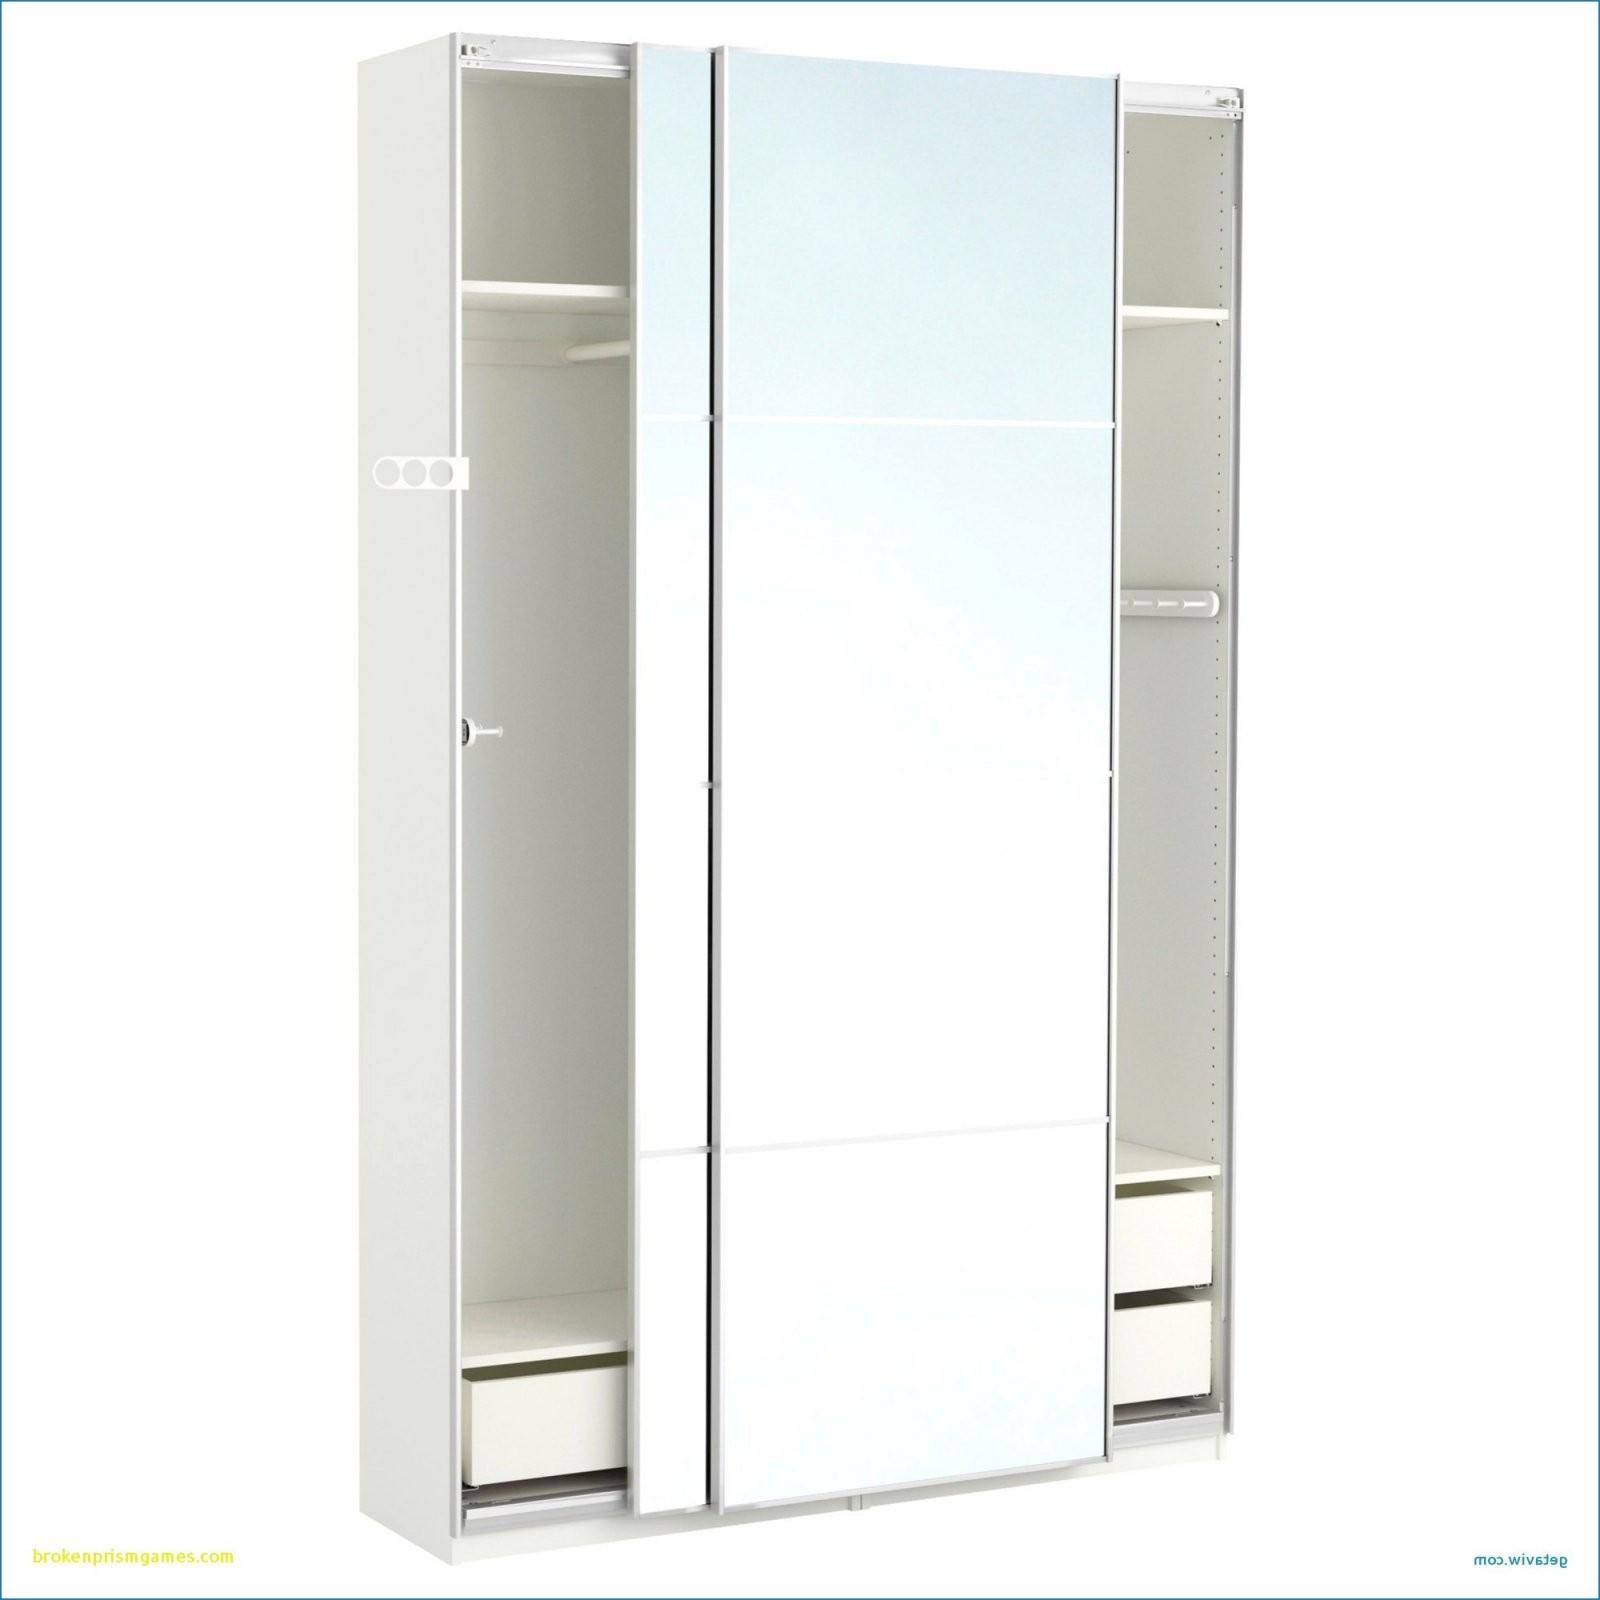 Kleiderschrank 80 Cm Breit — Haus Möbel von Schrank 40 Cm Tief Bild